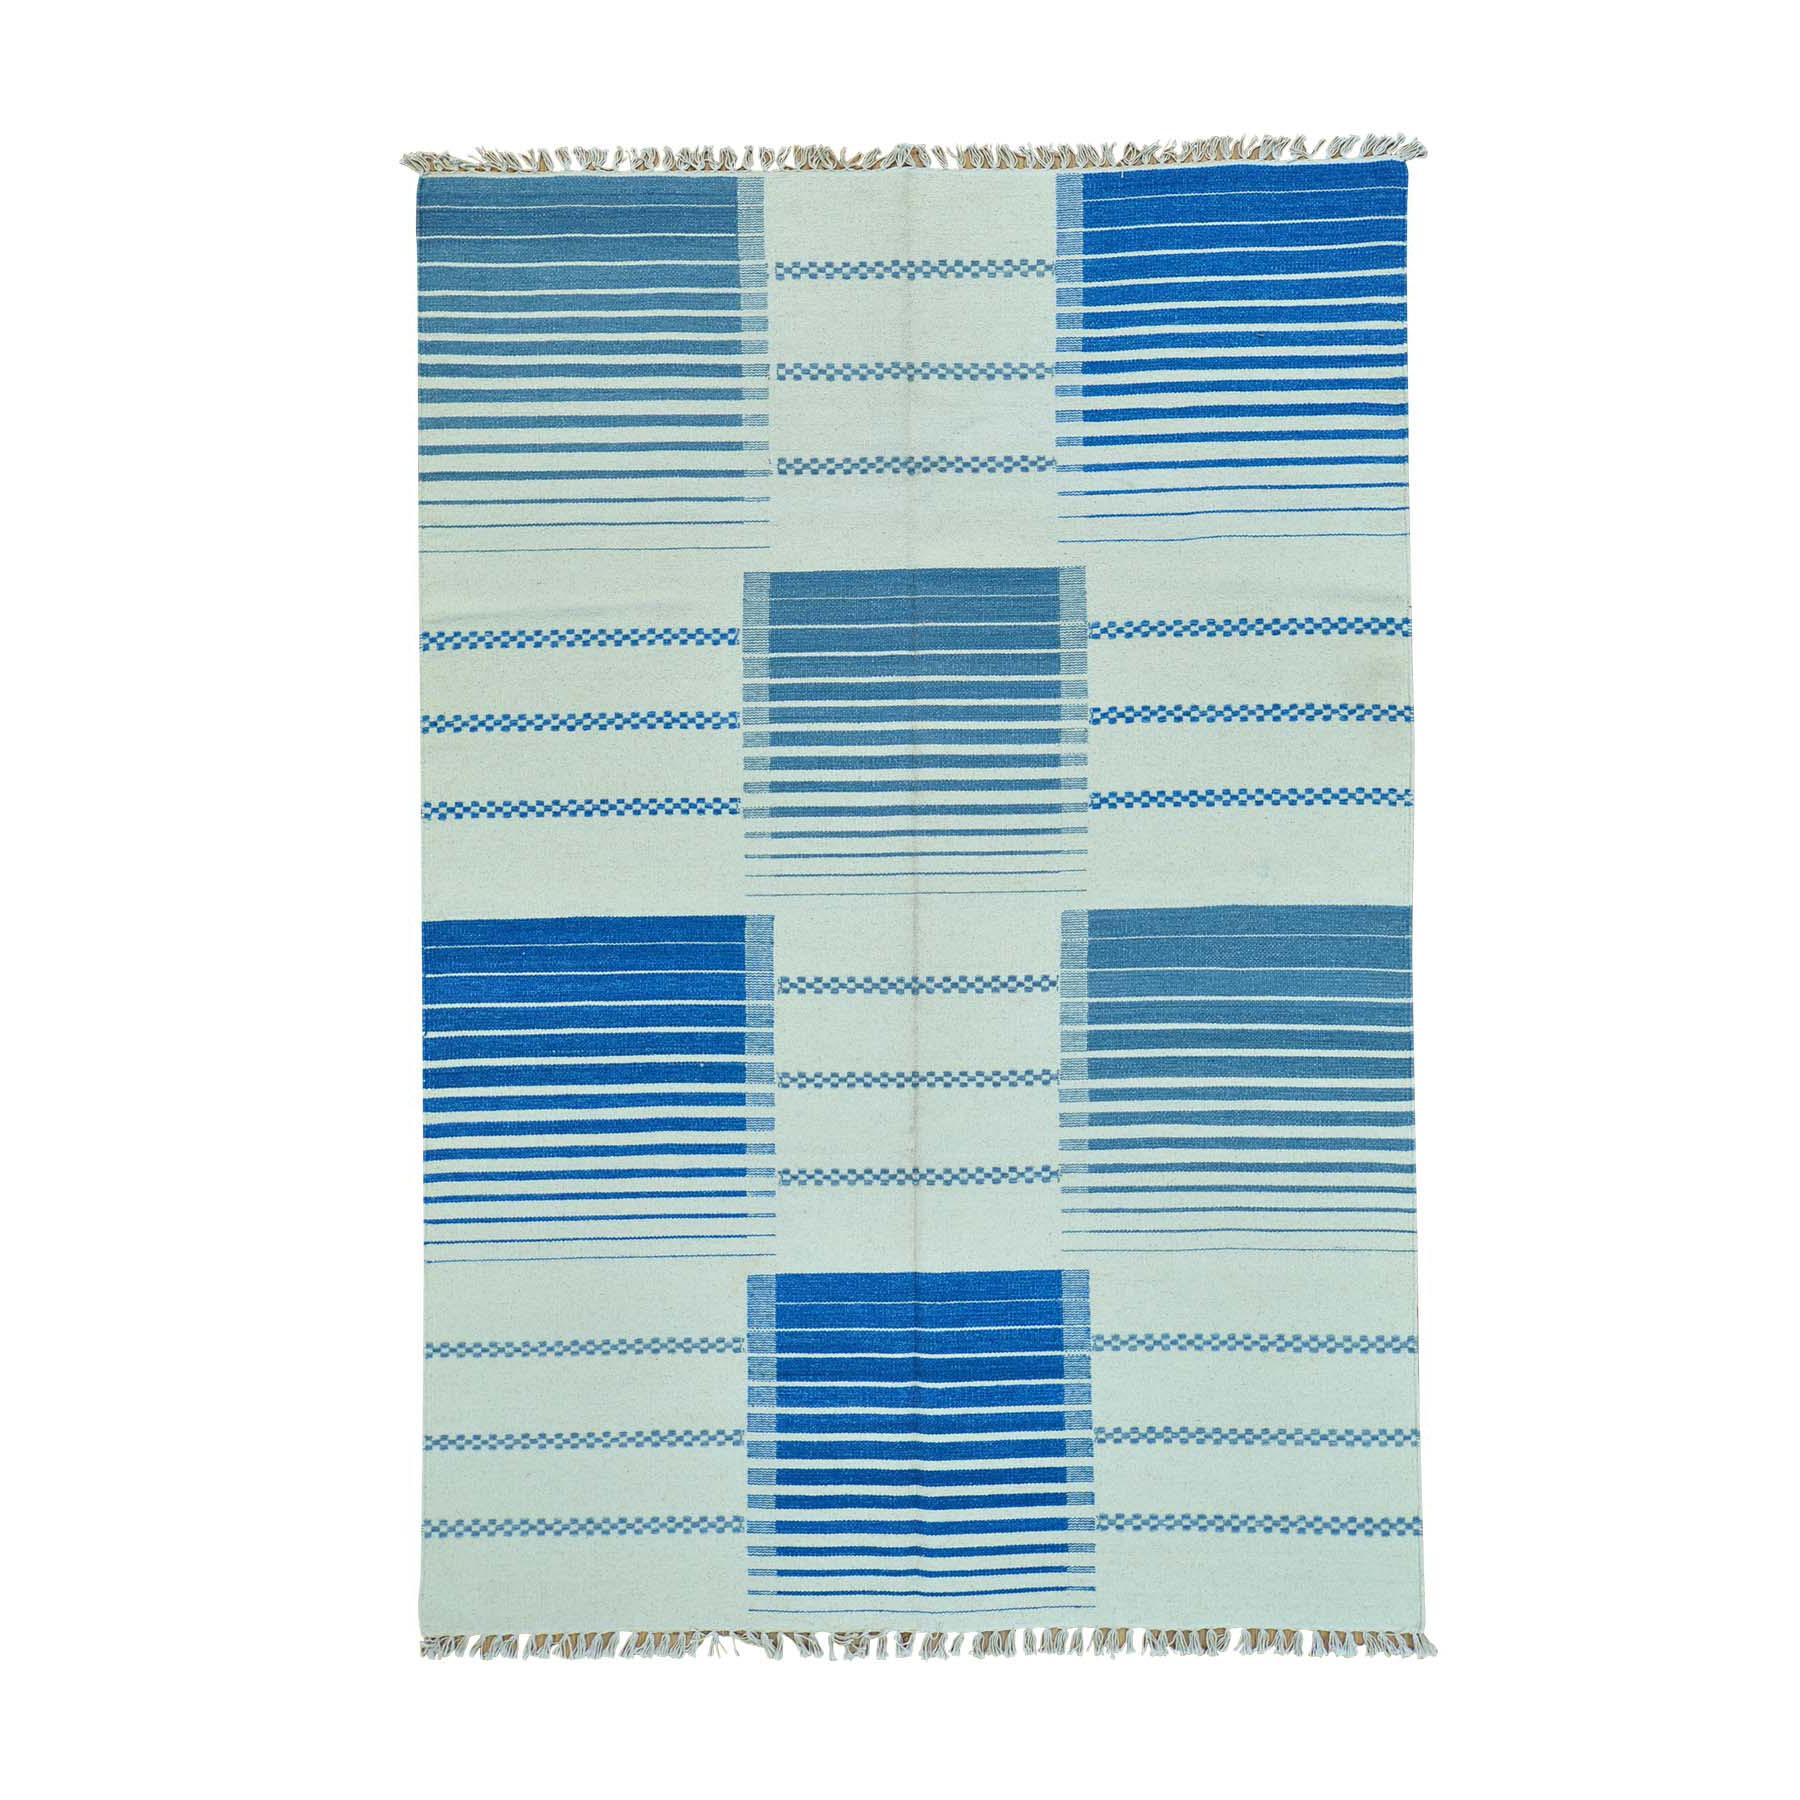 Fine Kilim Collection Hand Woven Multicolored Rug No: 0160128